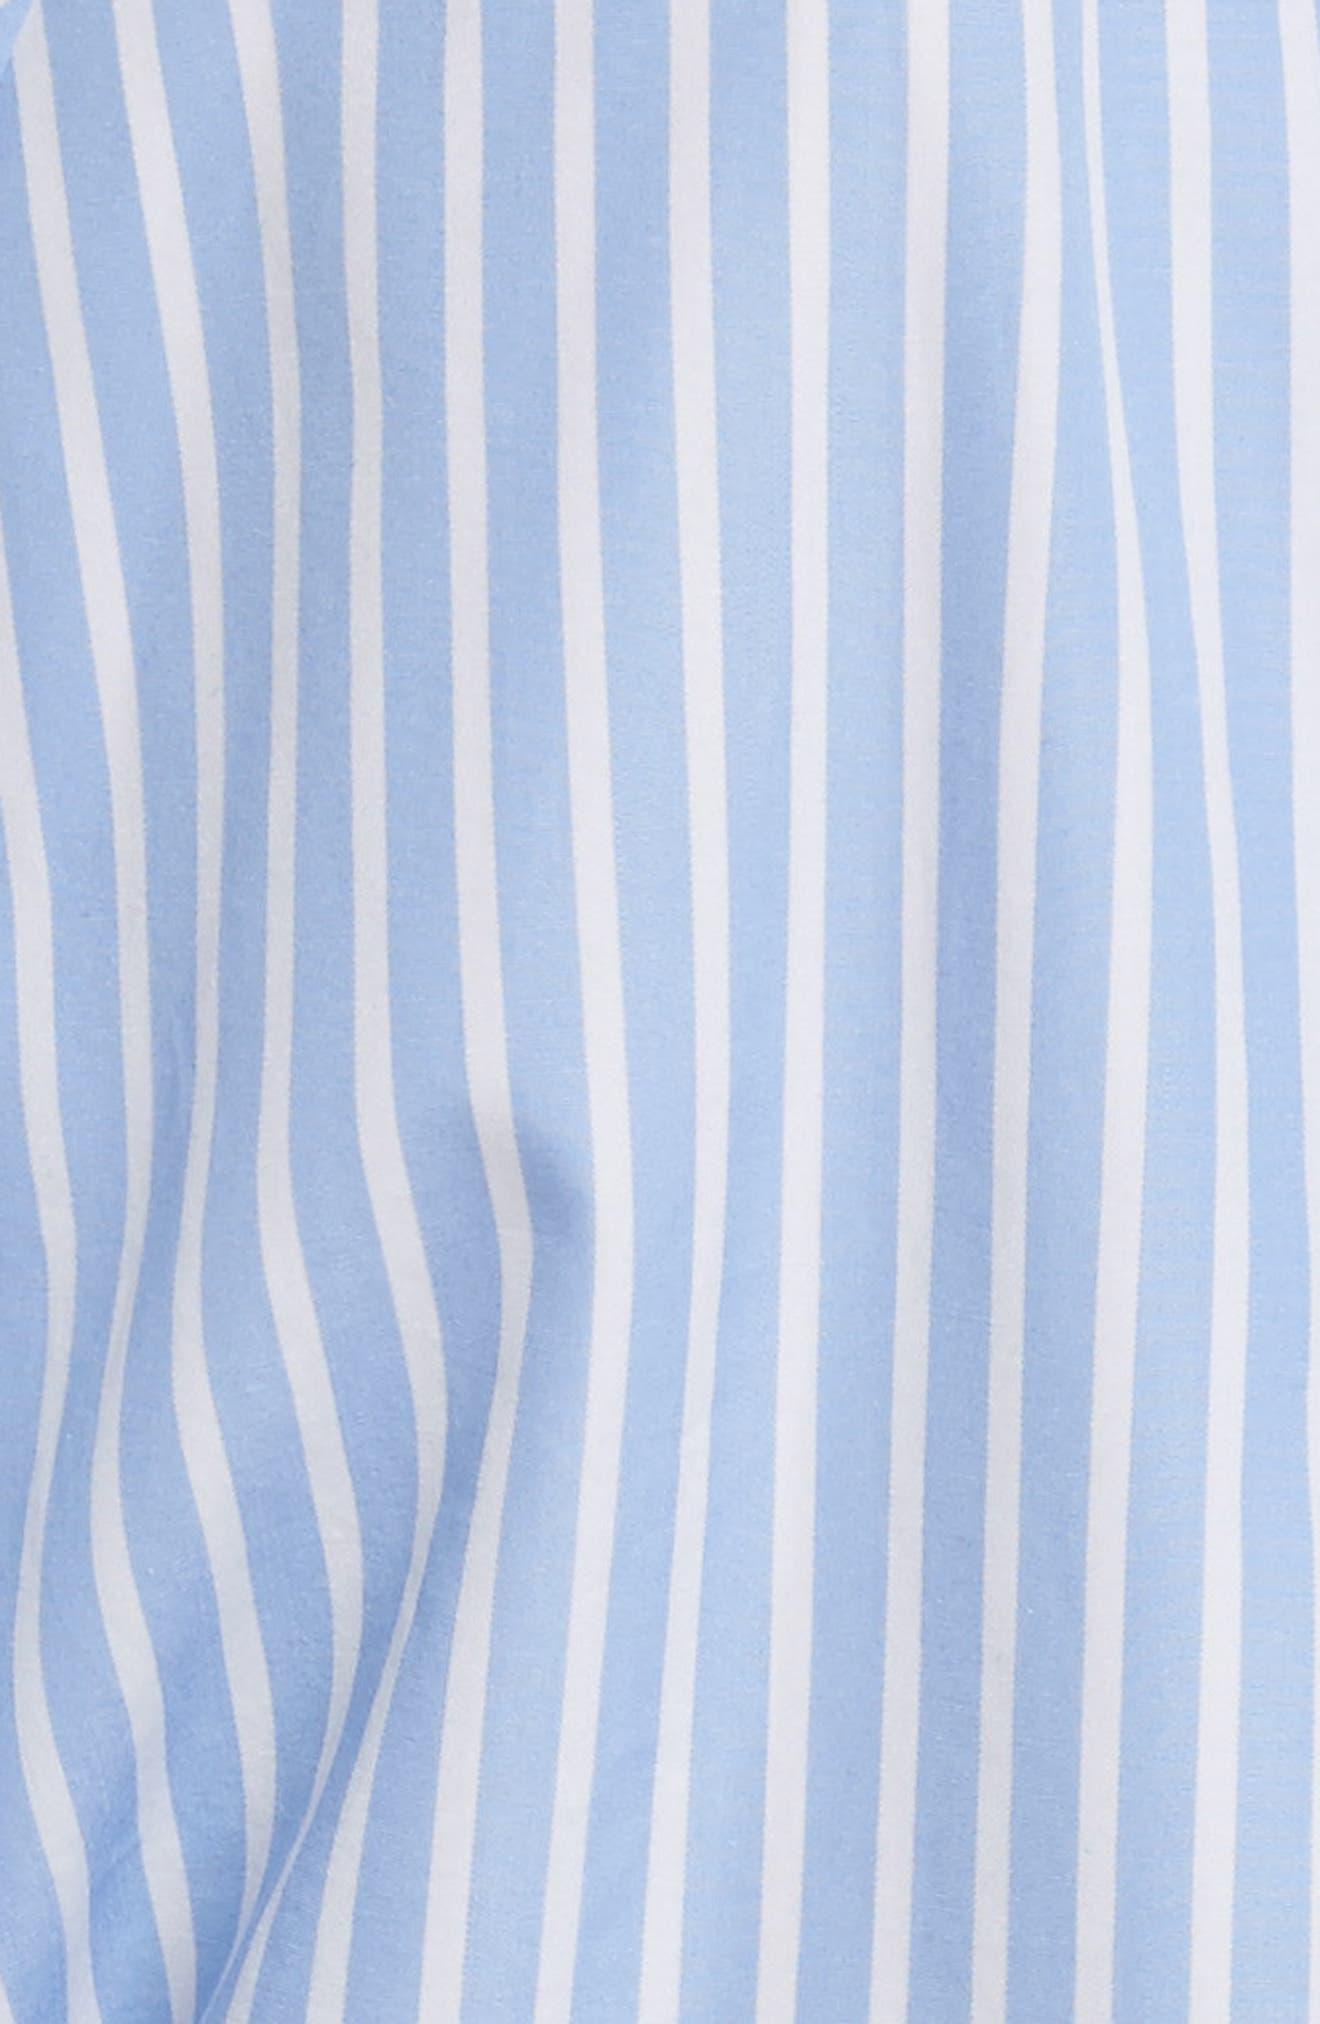 Diane von Furstenberg Keyhole Crop Cotton Blouse,                             Alternate thumbnail 5, color,                             424